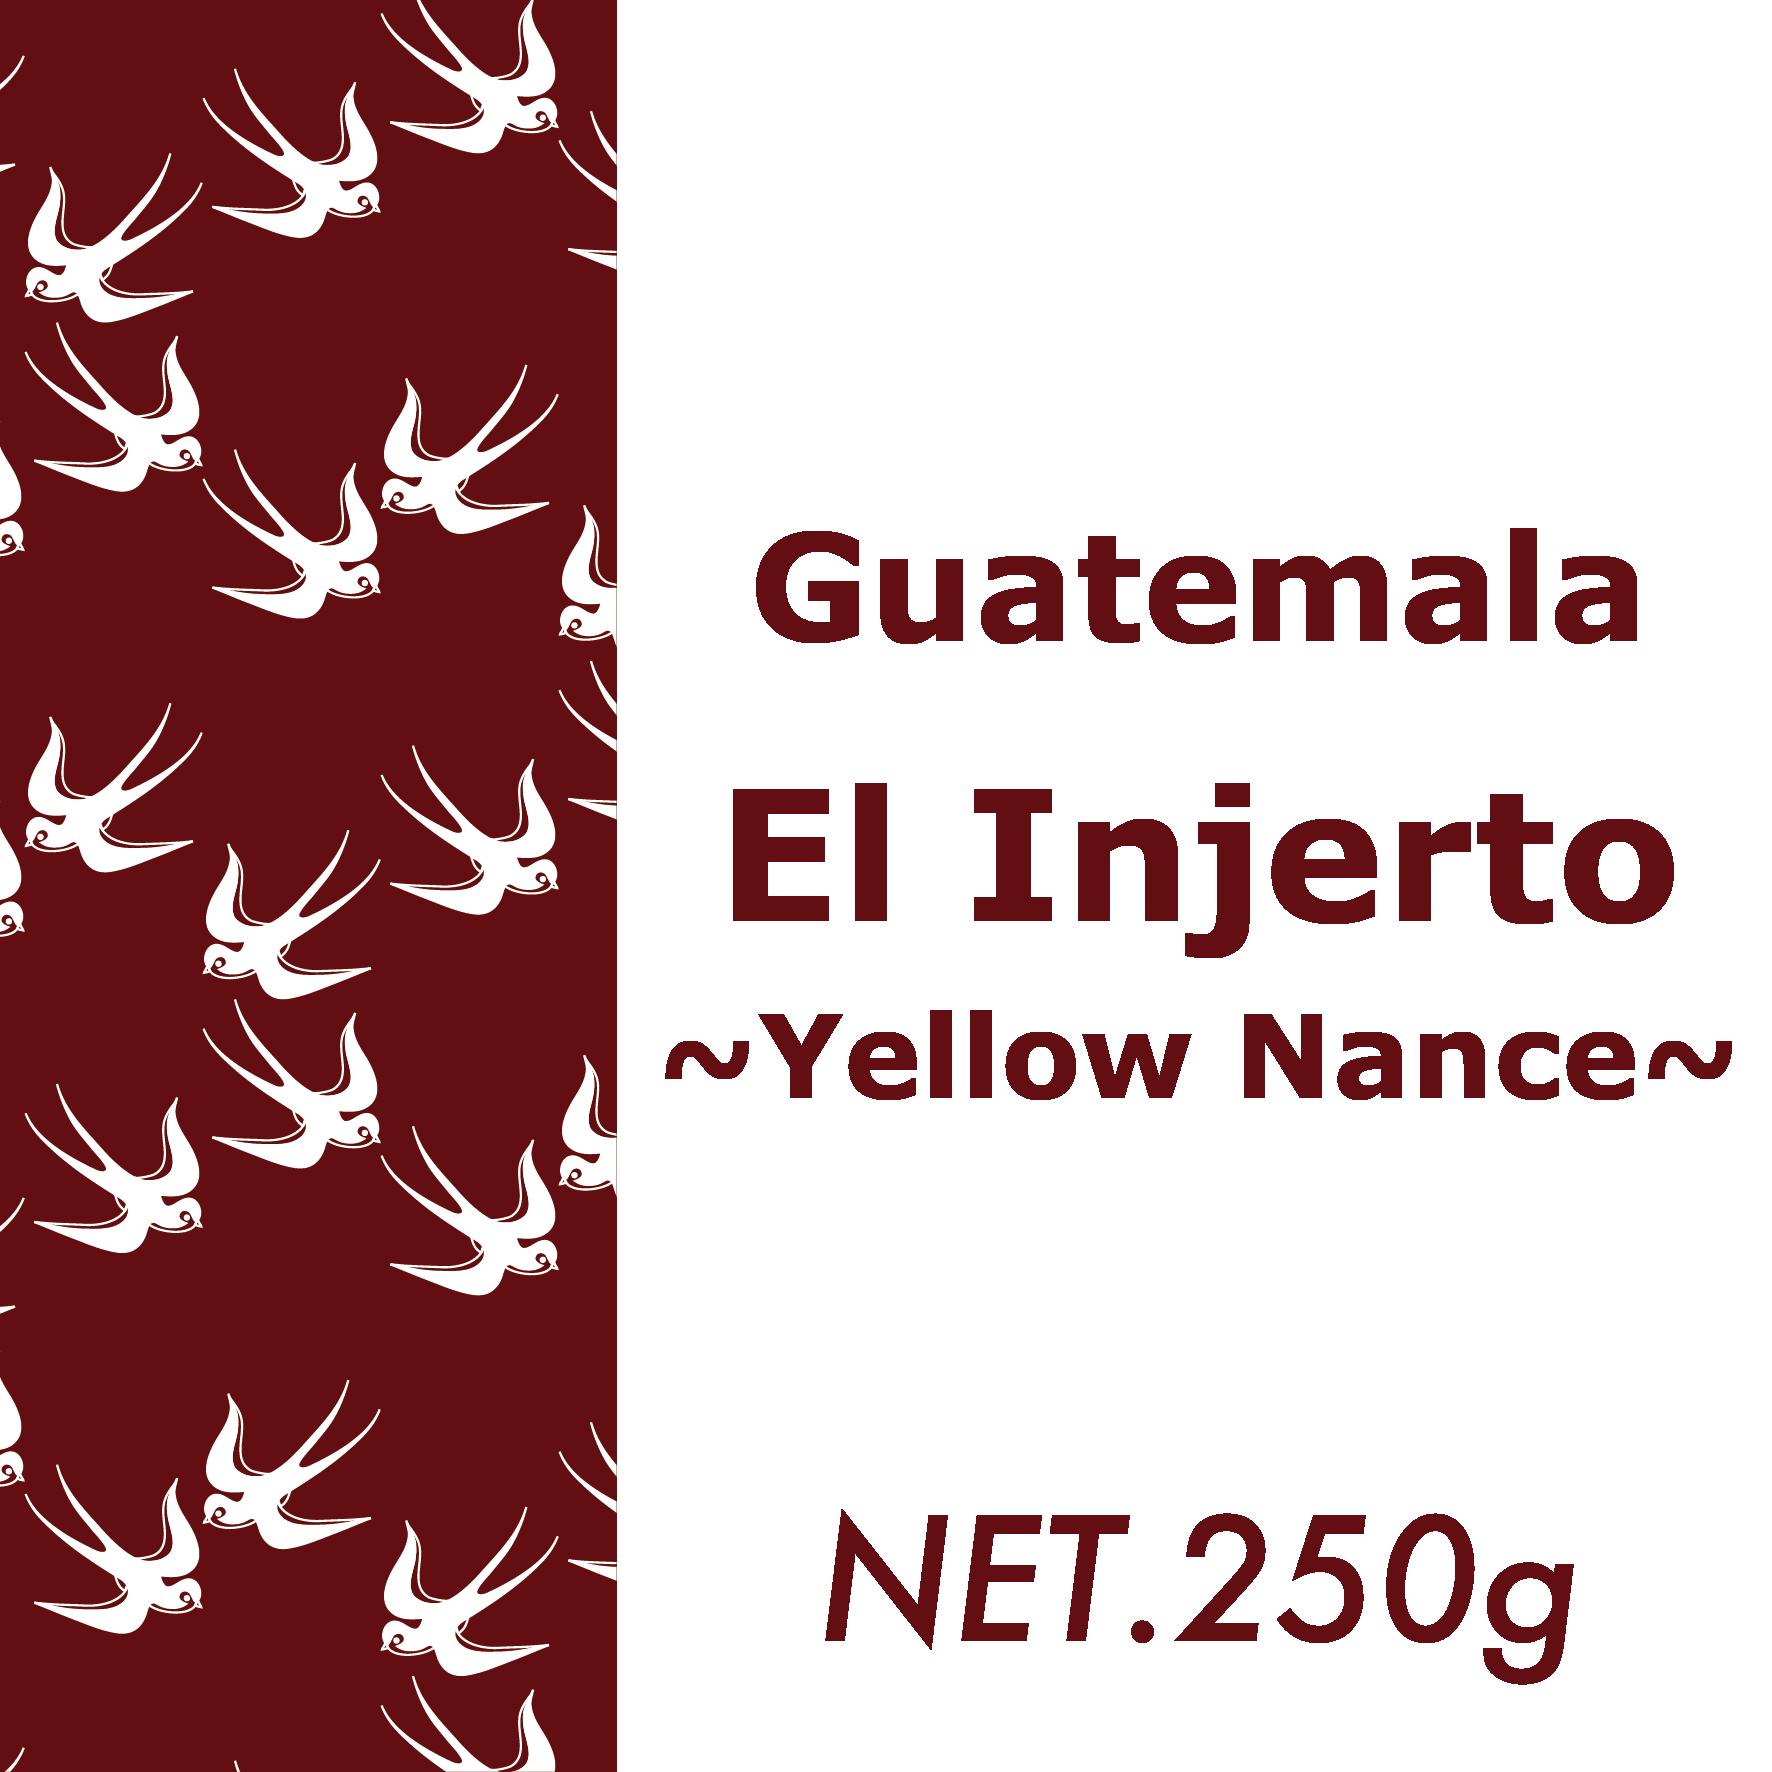 250g グアテマラ・エル インヘルト農園イエローナンス